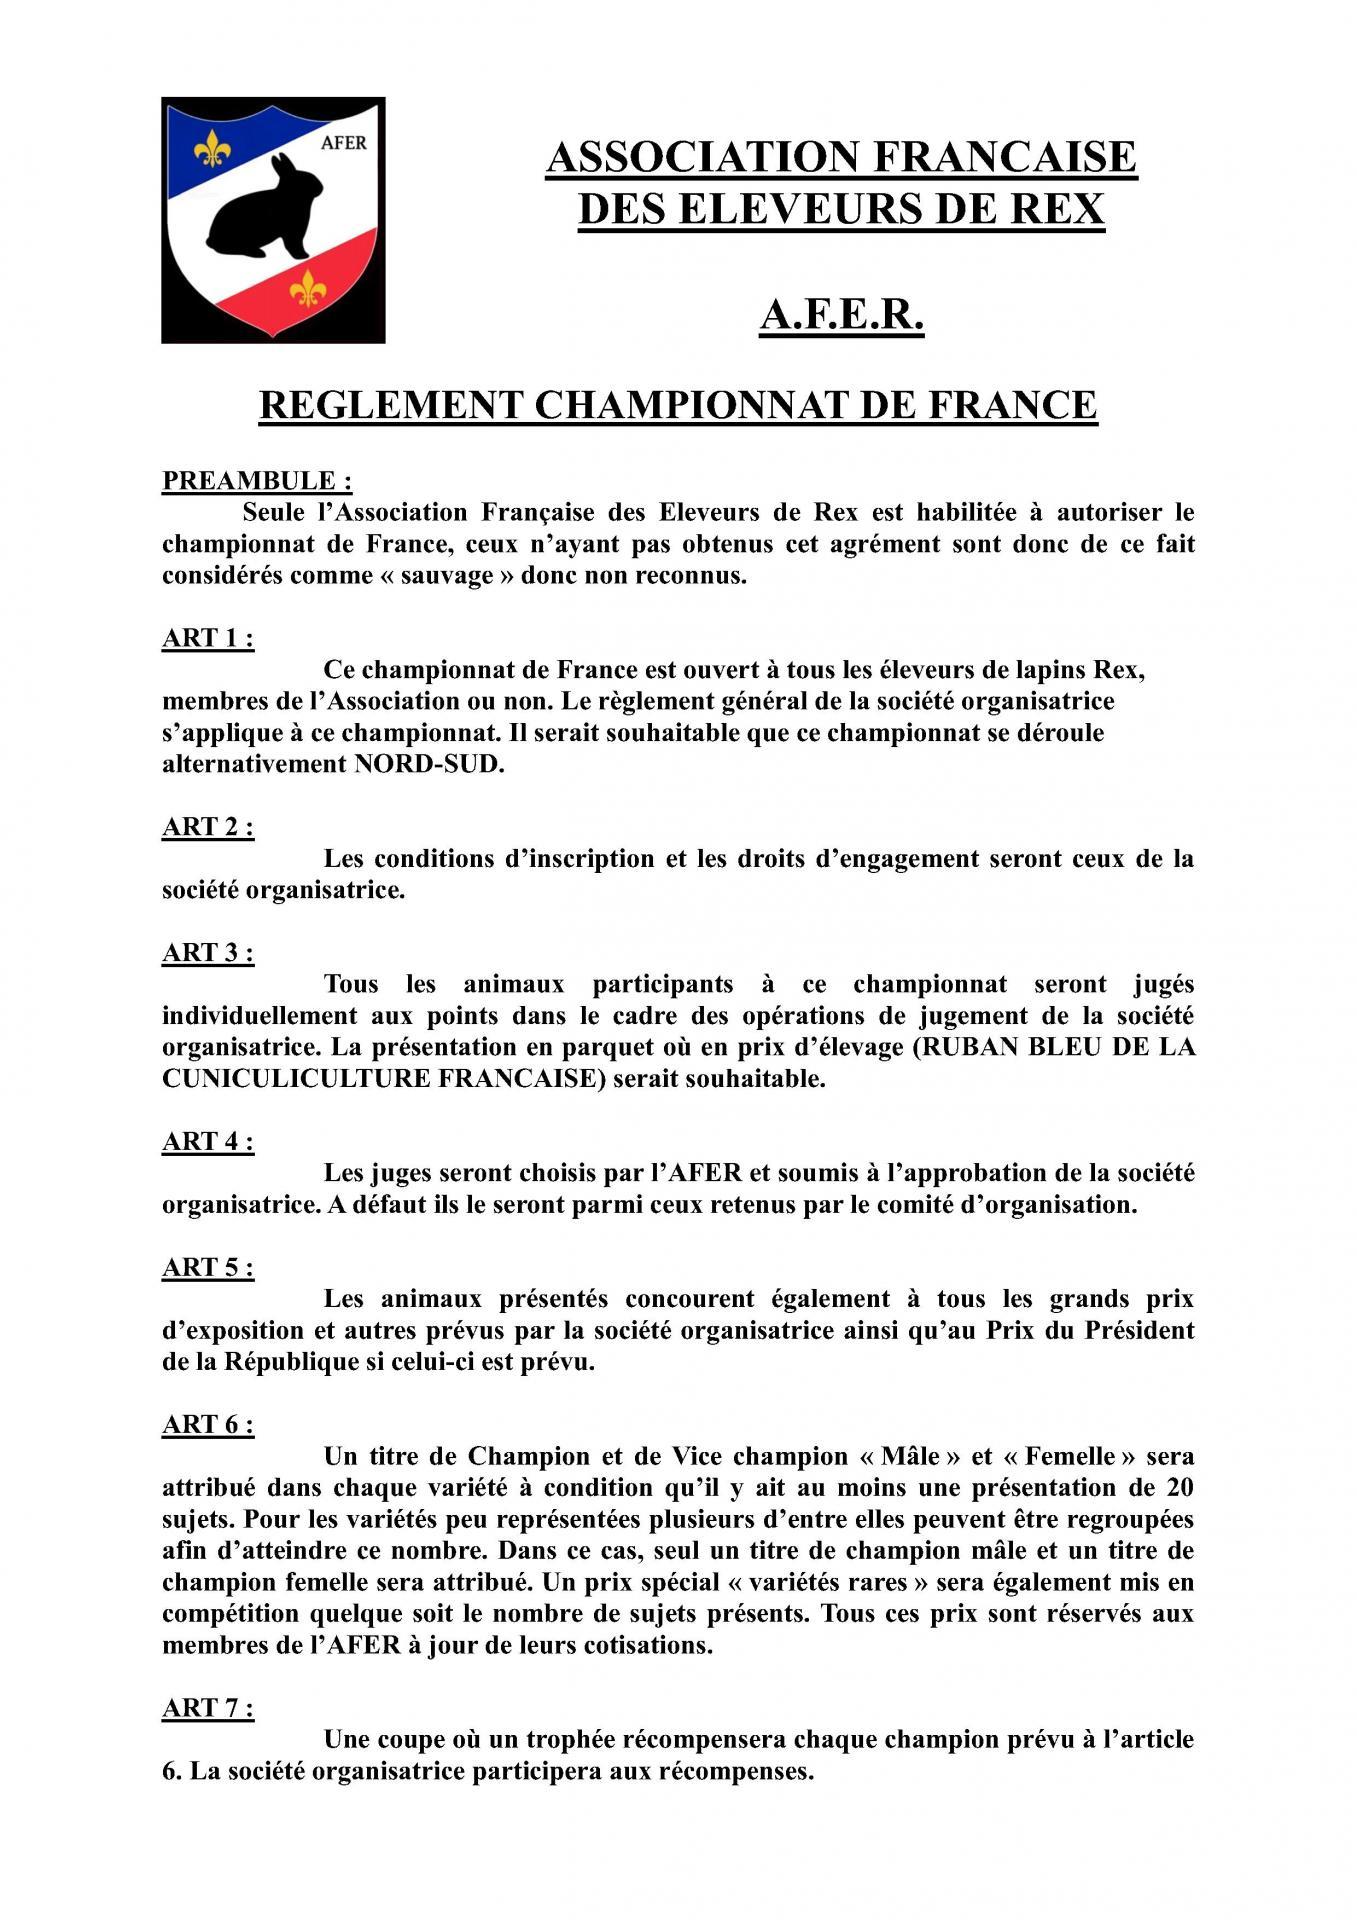 Reglement championnat de france 1